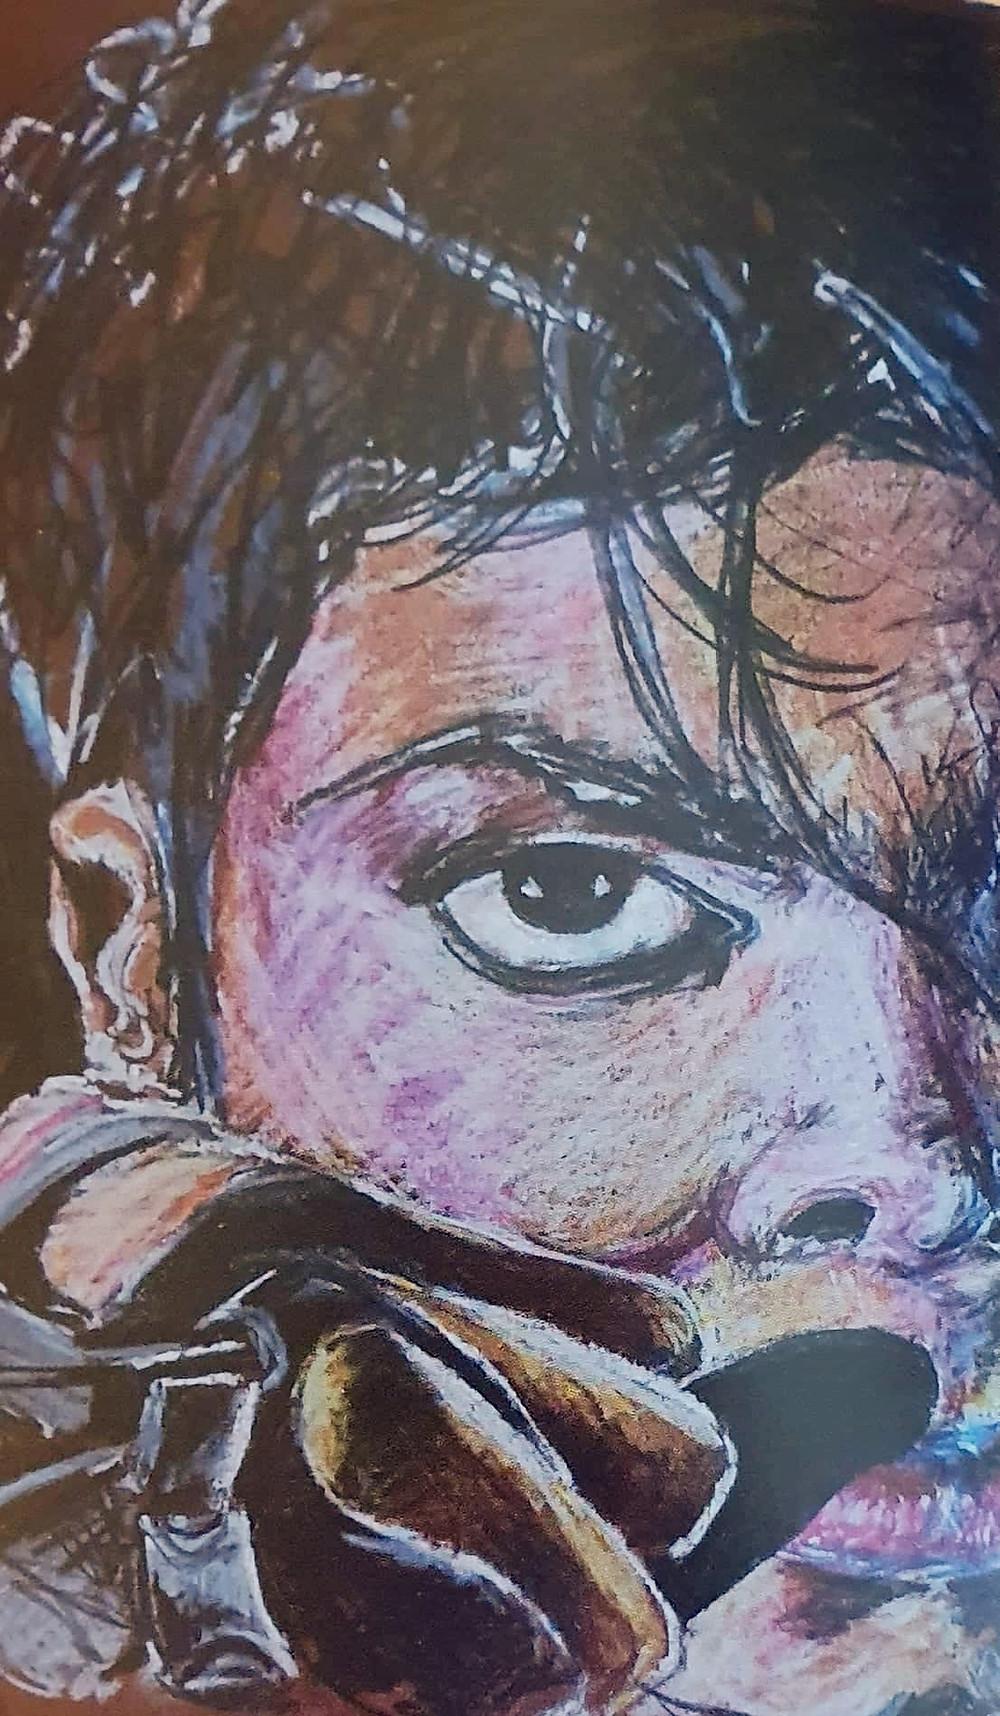 @ Renée Paul, artiste peintre, dessin aux crayson de couleurs Brunzeel sur papier cartonné couleur de la terre, 21,5 x 28 cm, 2010, collection personnelle